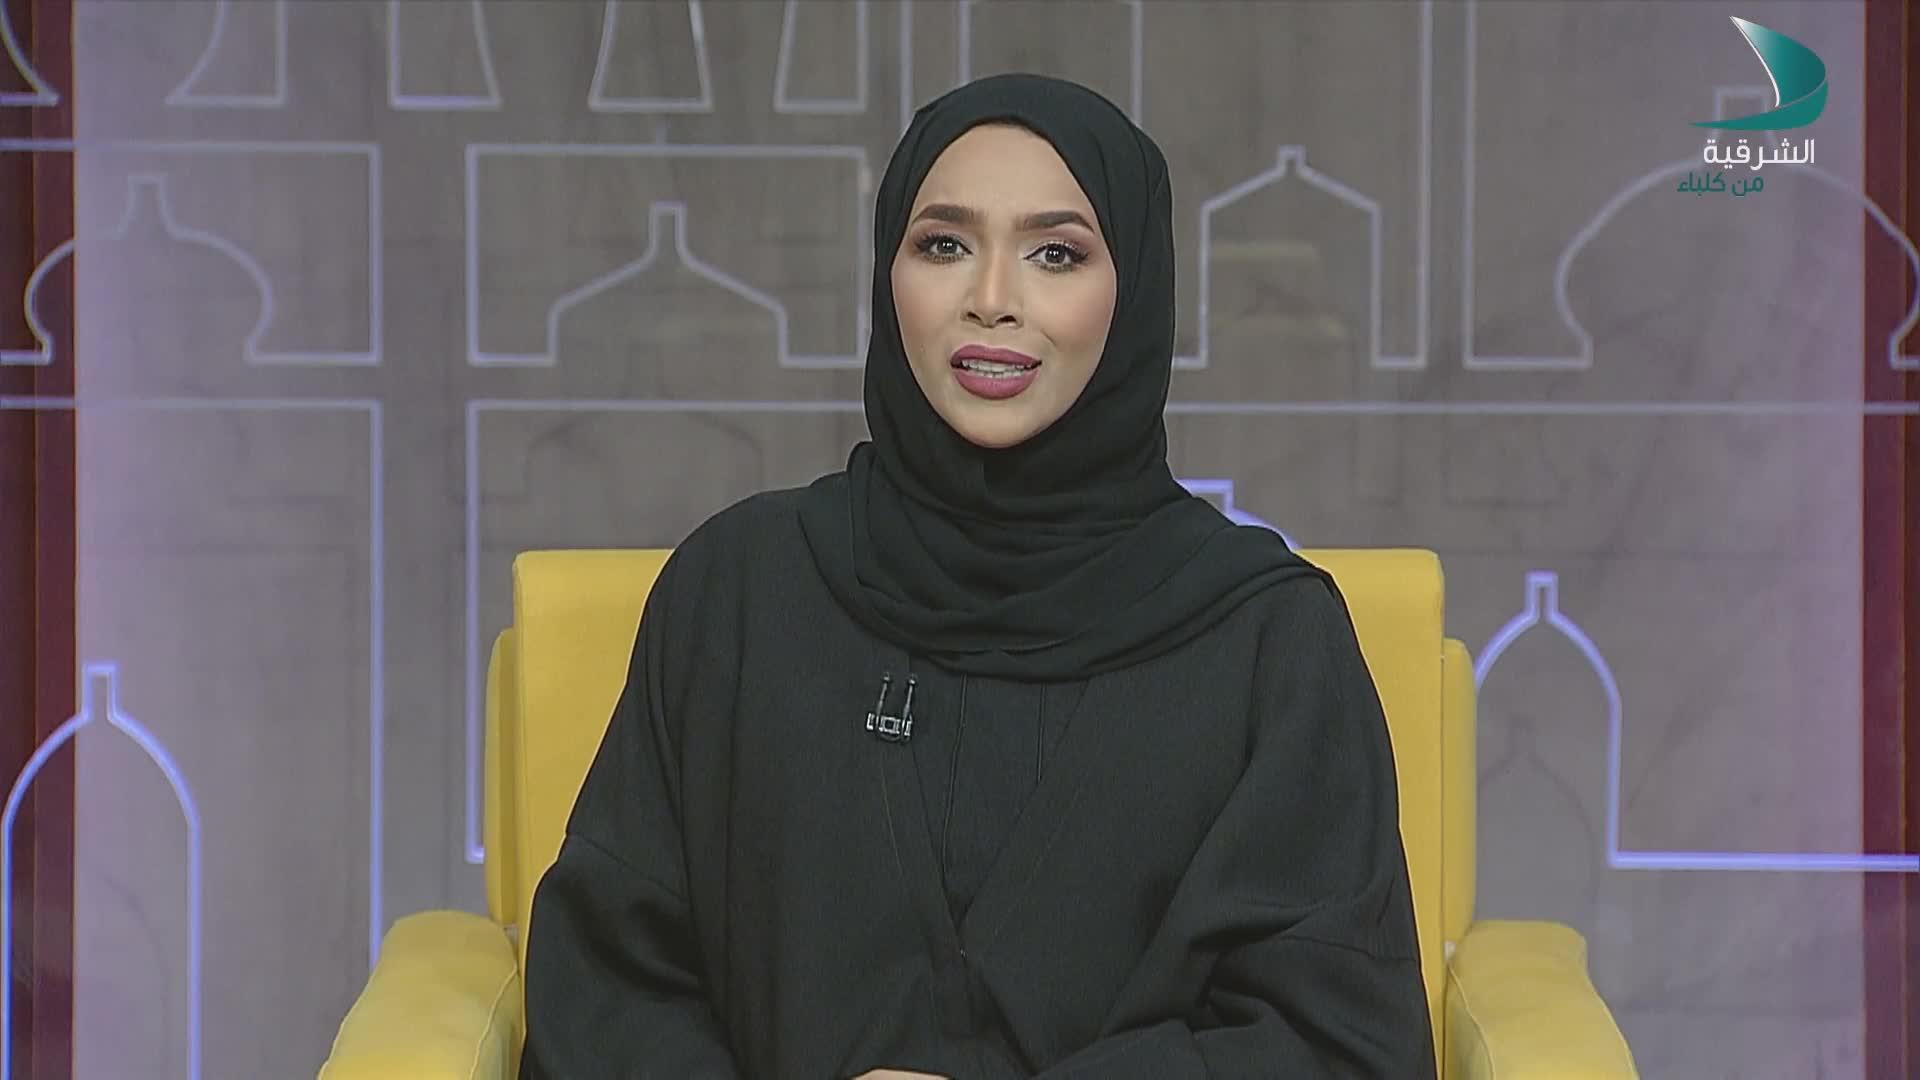 حديث المساء - الضيف عمر مراد - مدرب في القيادة والتنمية البشرية